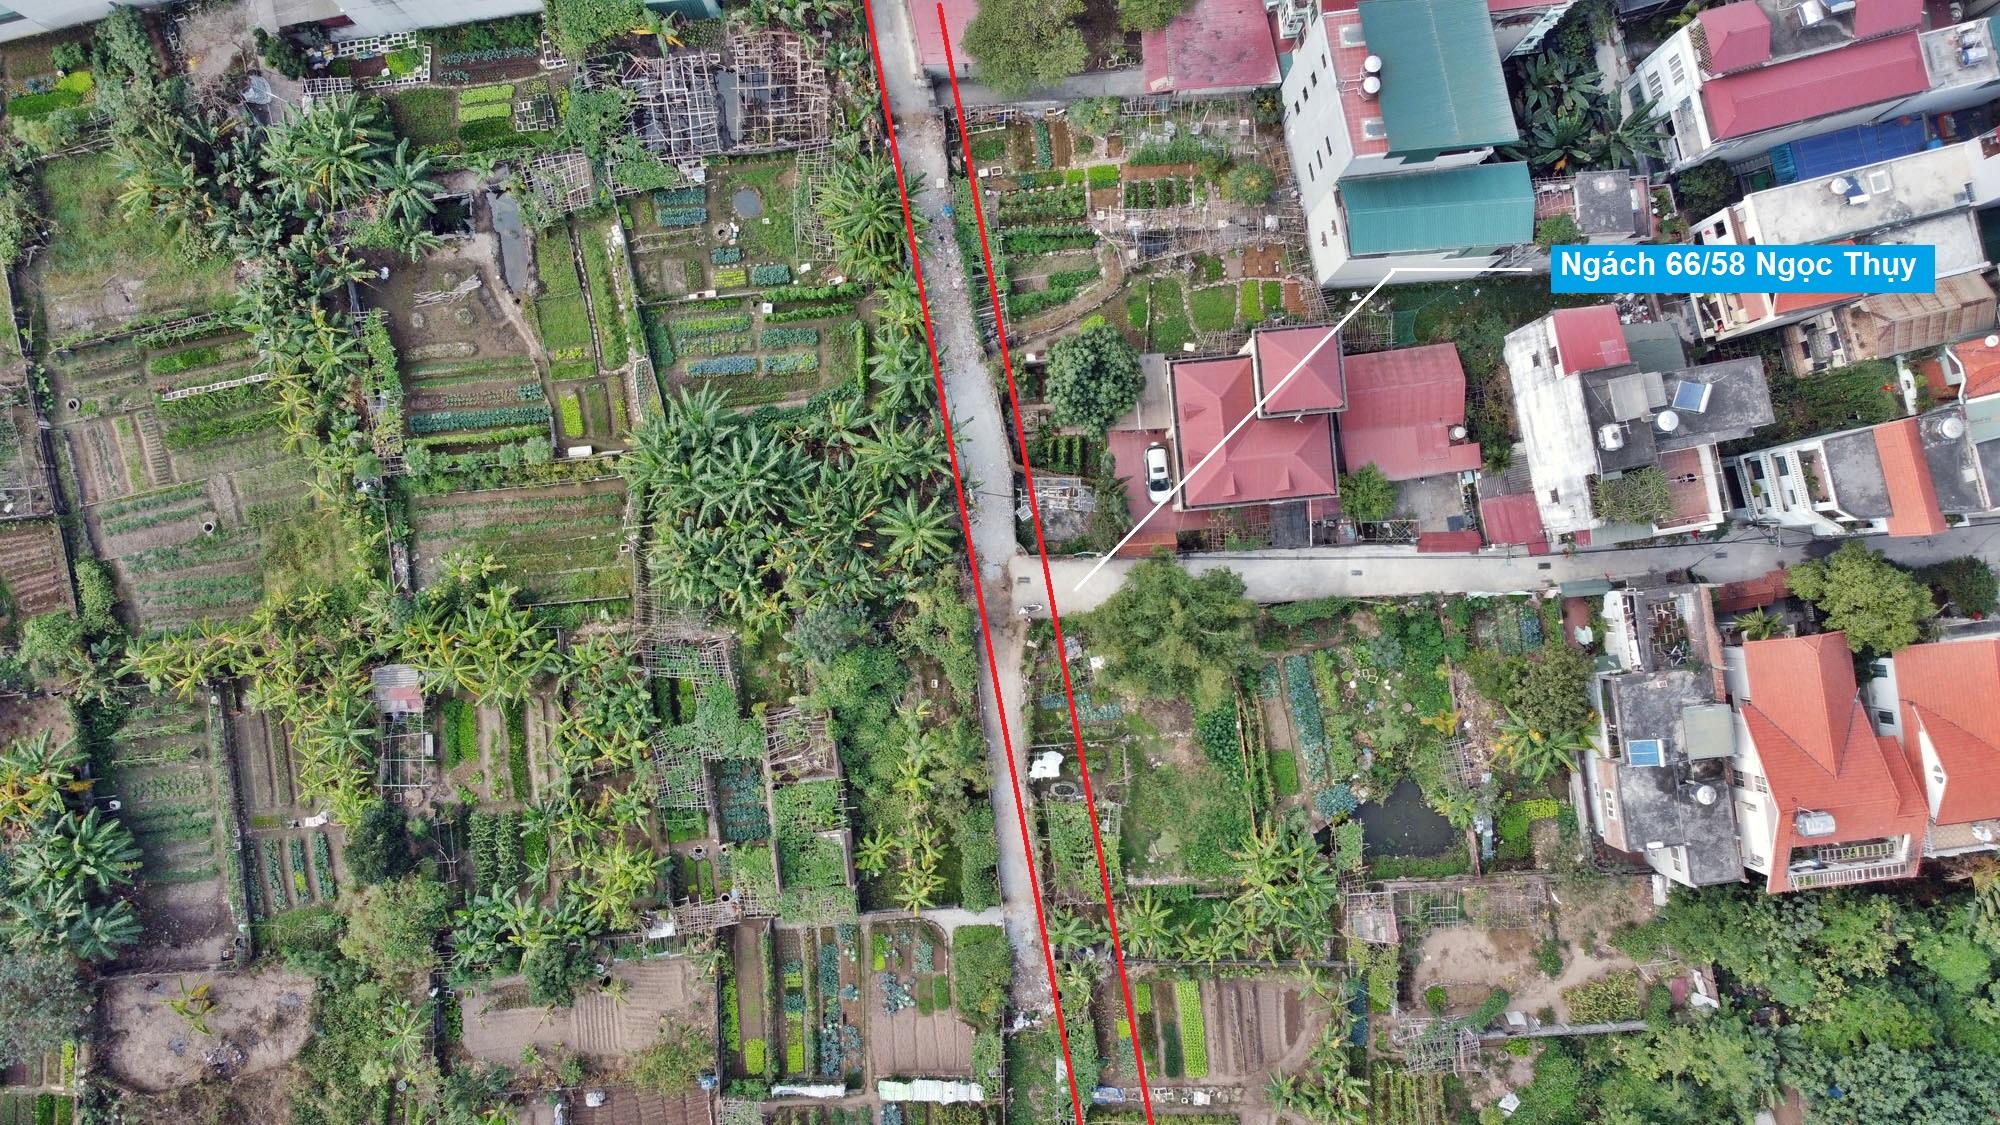 Ba đường mở theo qui hoạch ở phường Ngọc Thụy, Long Biên, Hà Nội (phần 2) - Ảnh 4.